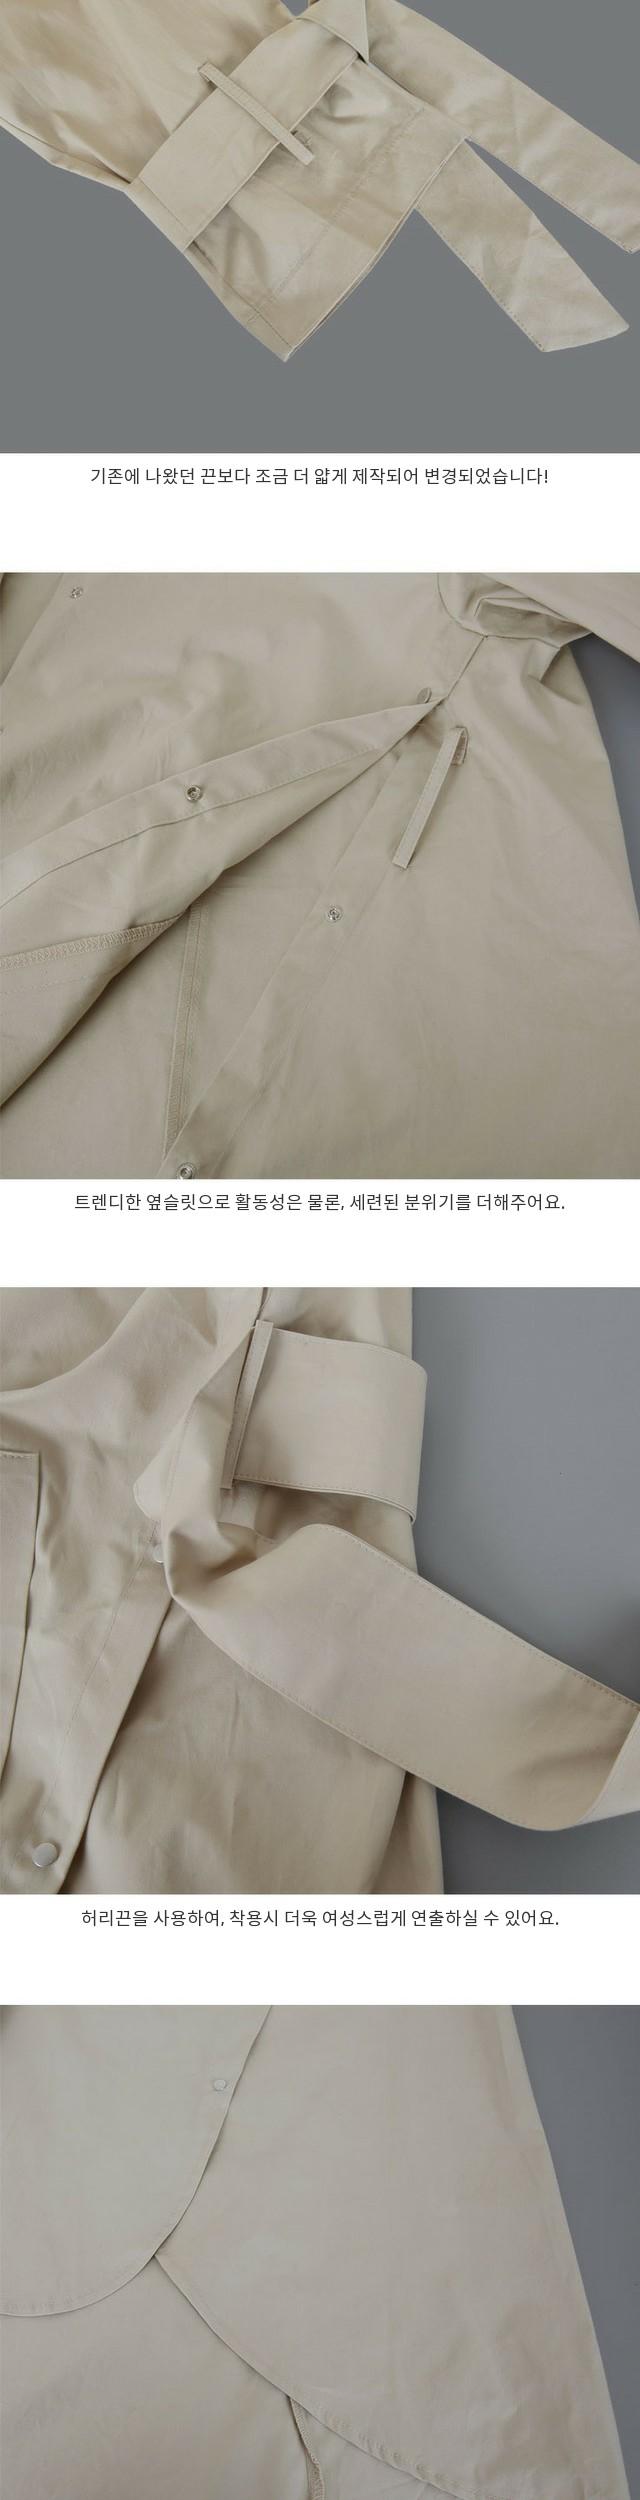 Ribbon-trench coat